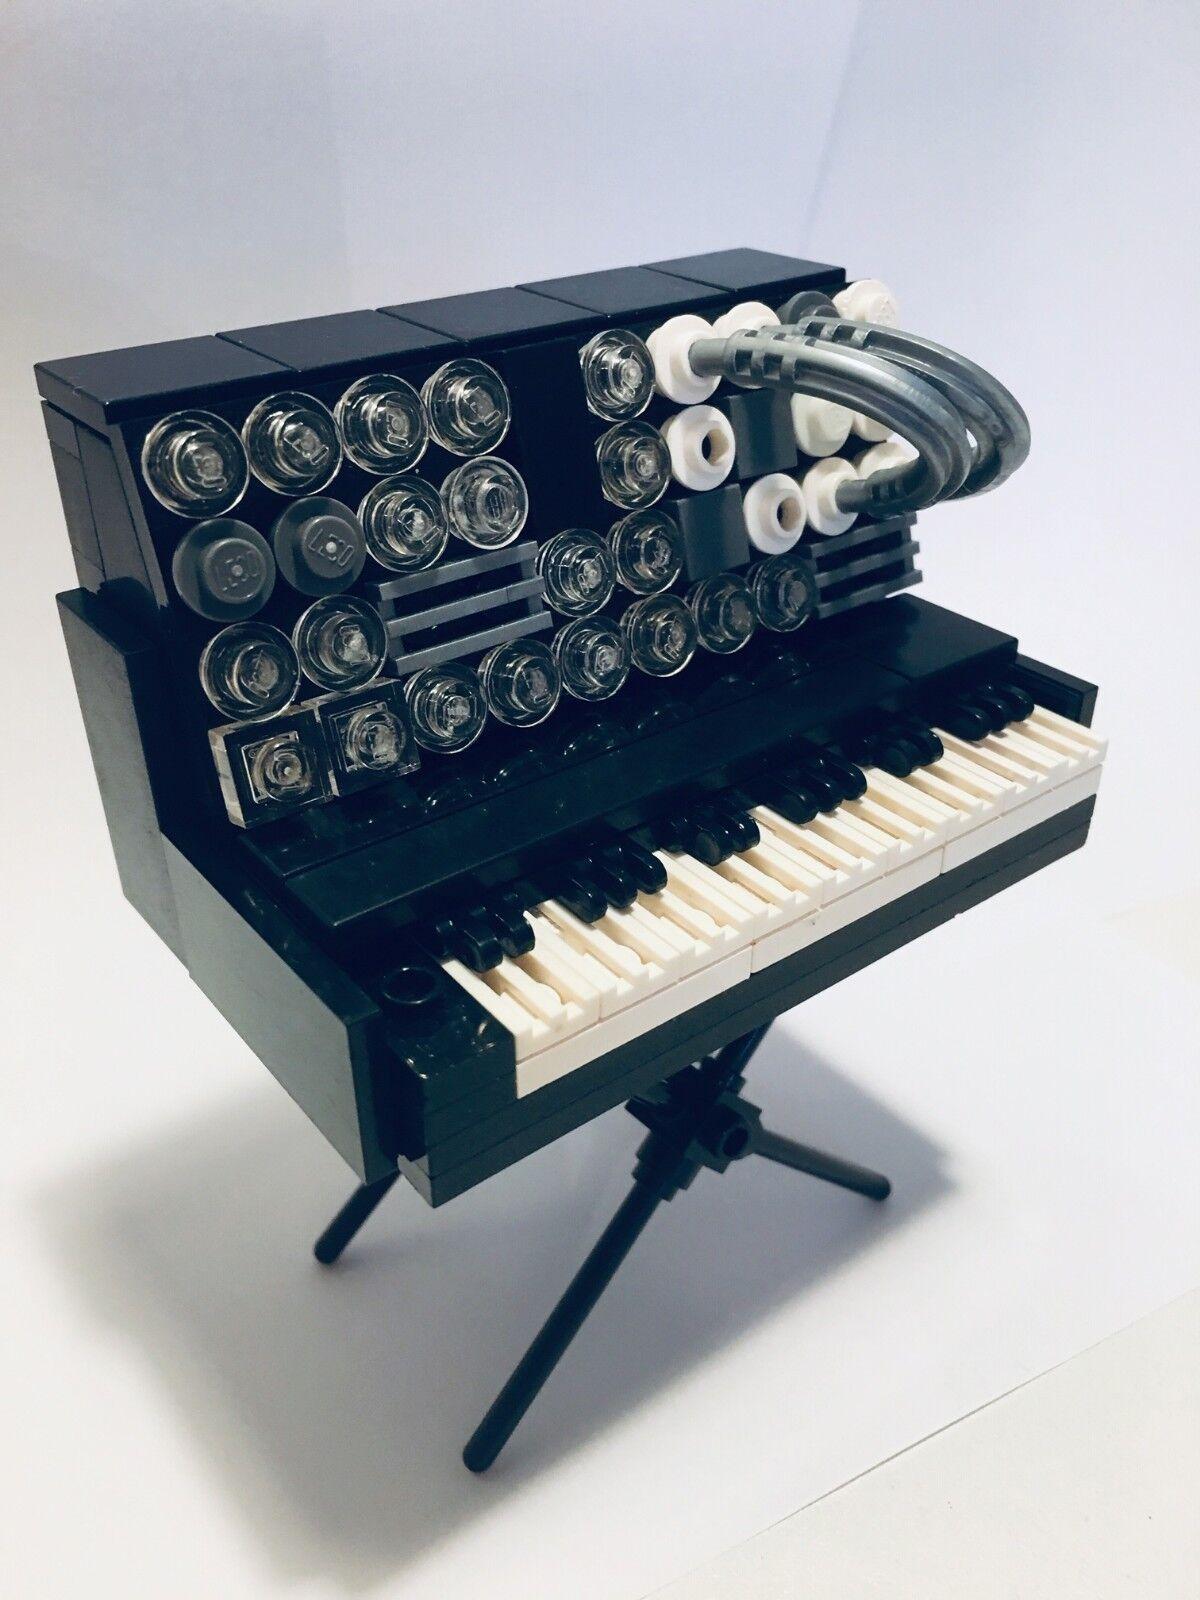 Lego - 1x Piano SyntheDimensioner Korg MS-20 -  fatto of Used Lego Parts  negozio di moda in vendita